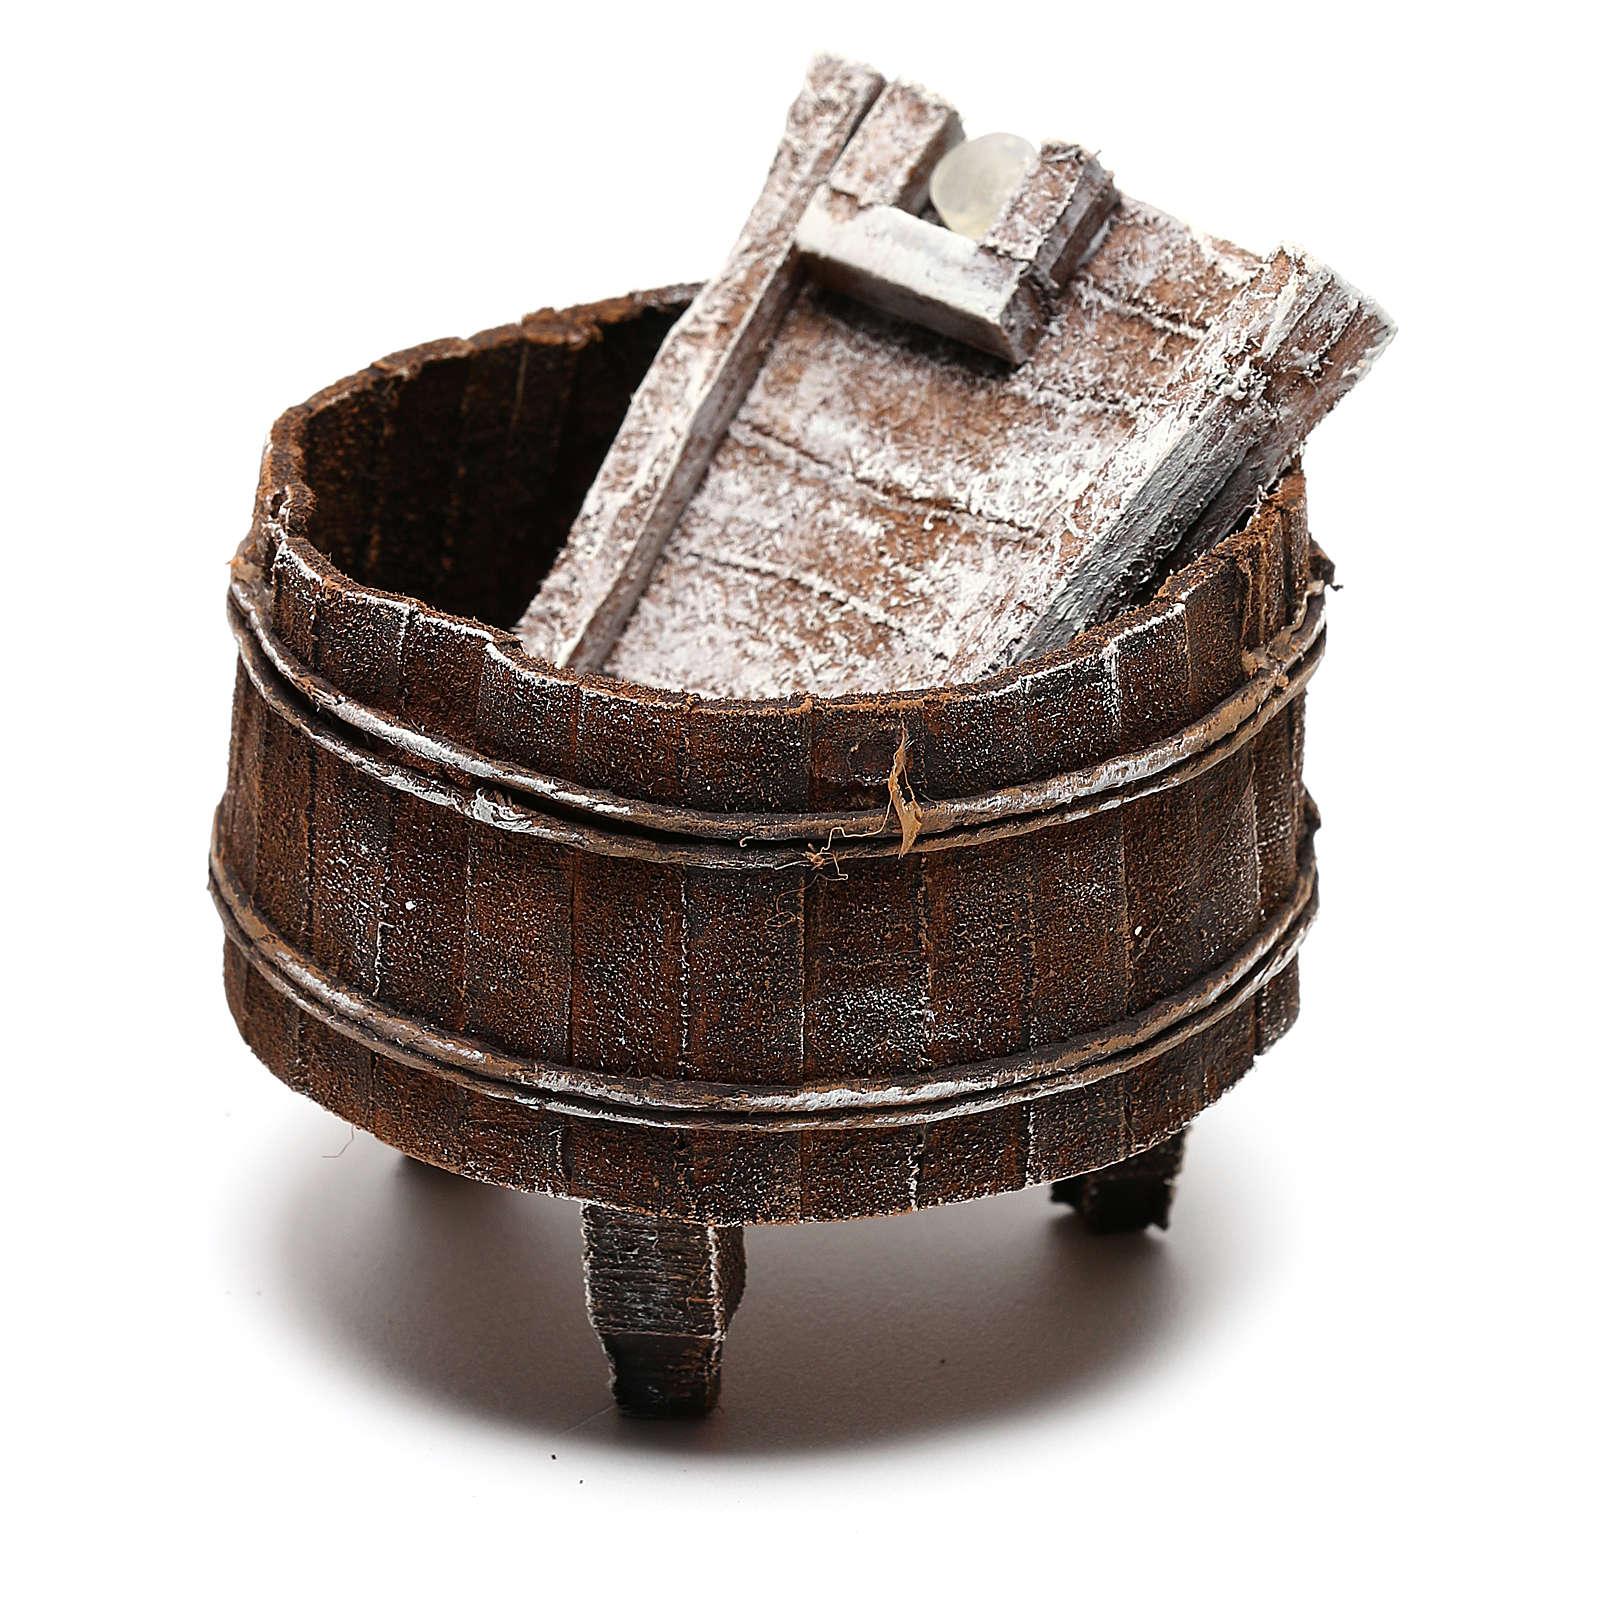 Lavadero madera belén 12 cm hecho con bricolaje 4